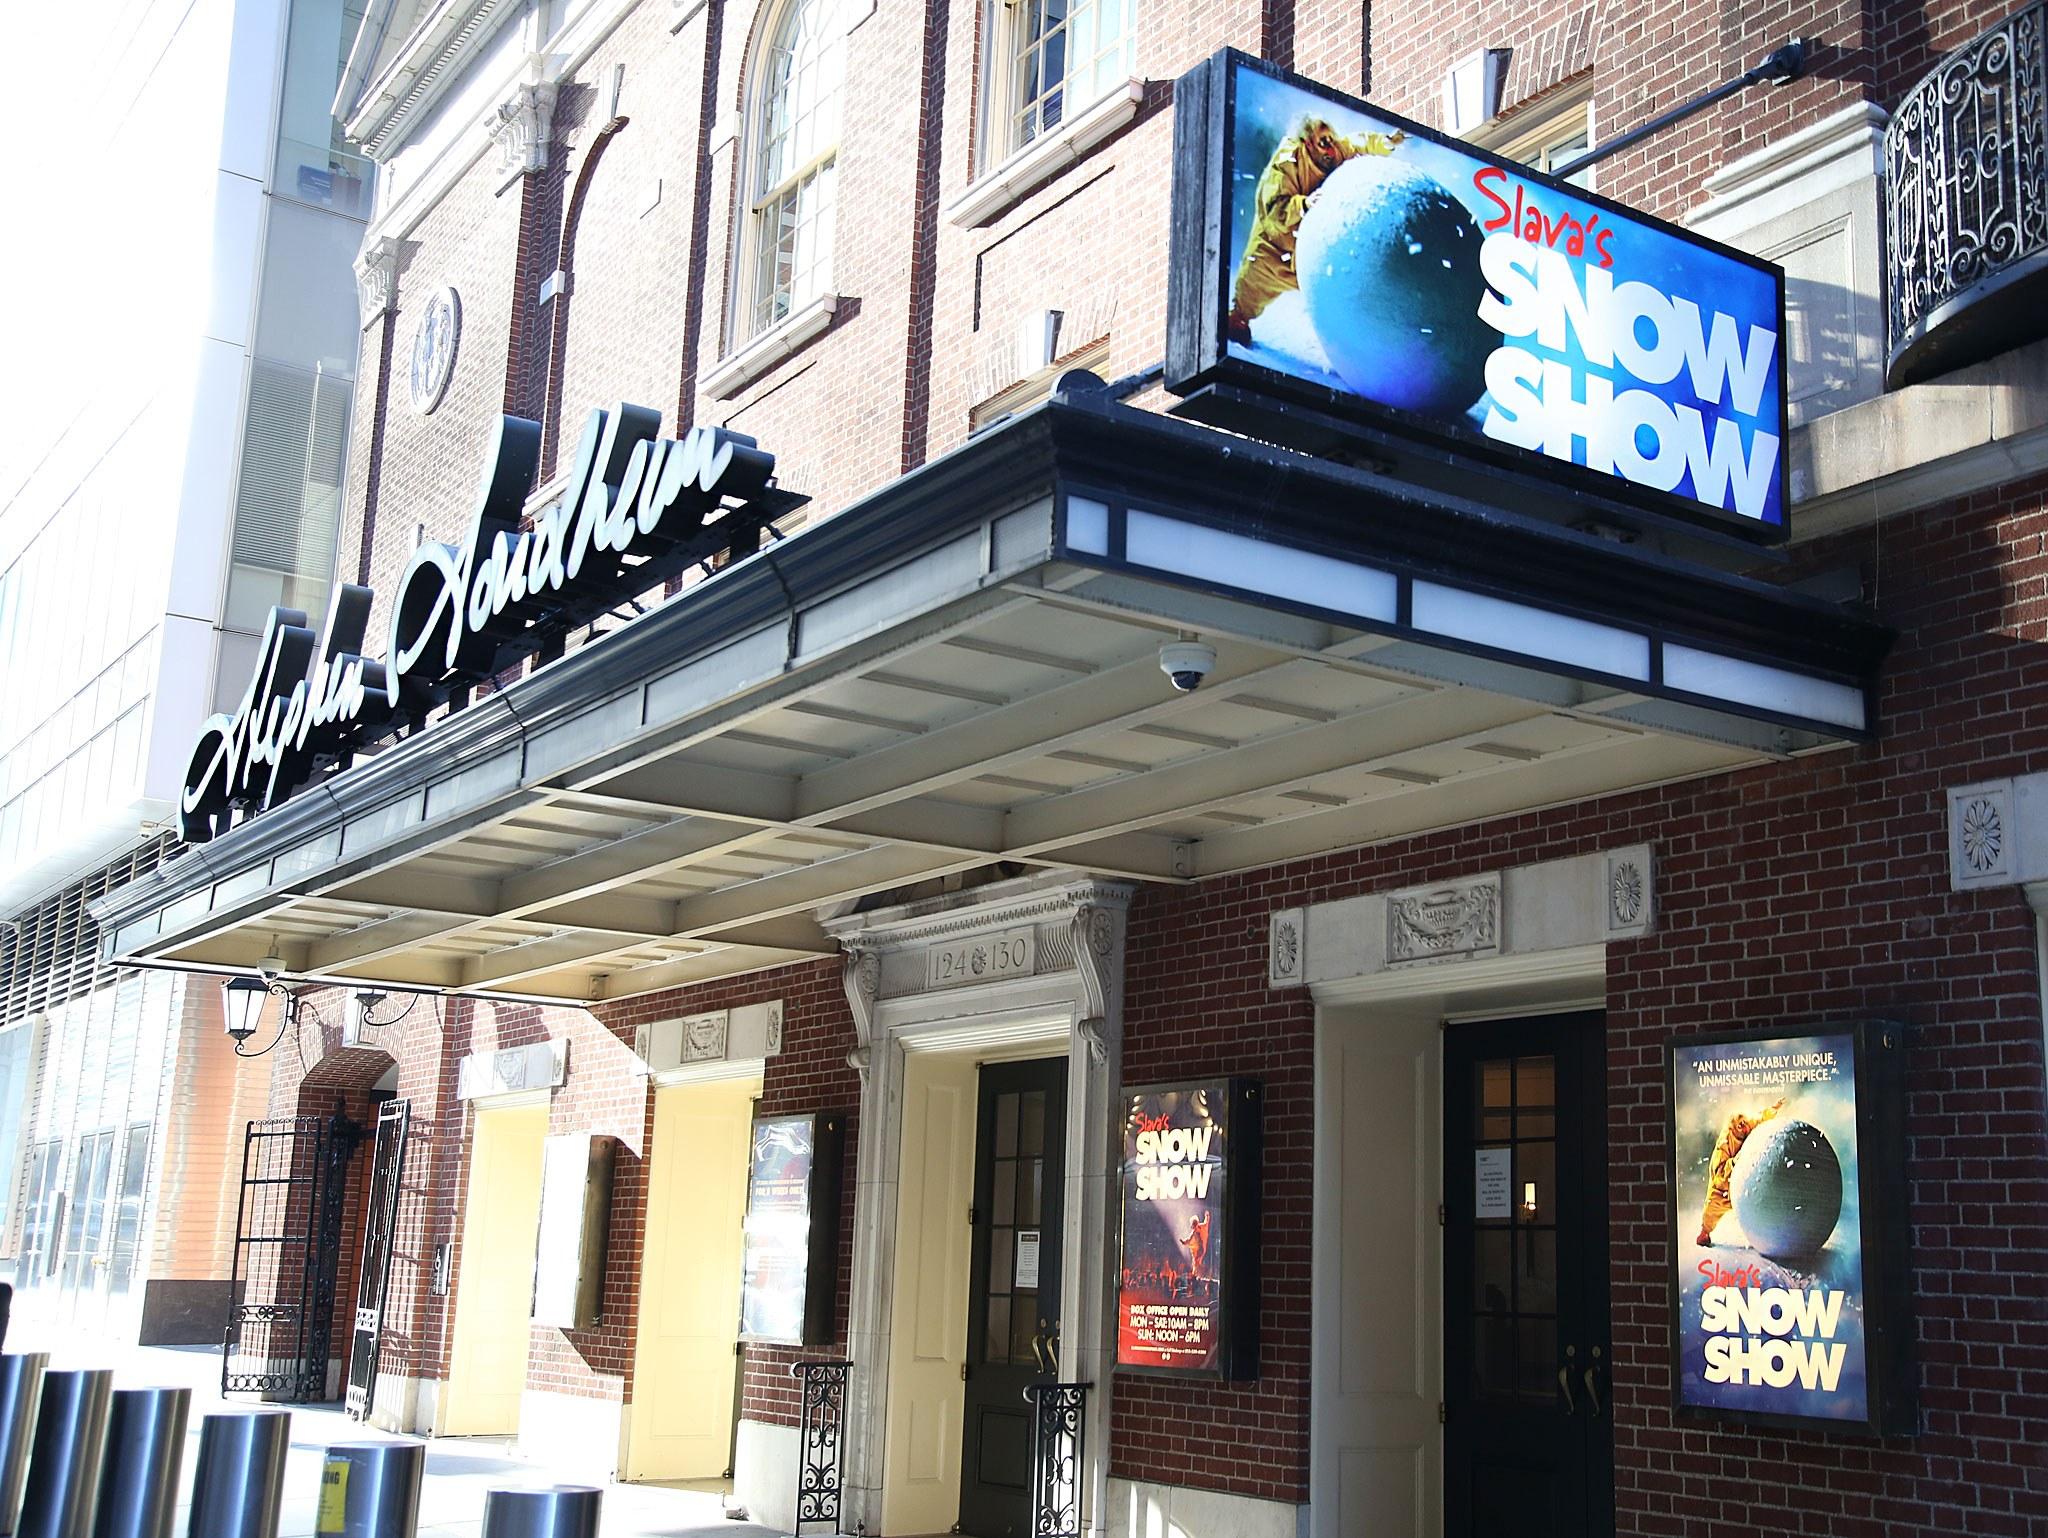 Slavas SnoShow Marquee at the Stephen Sondheim Theatre